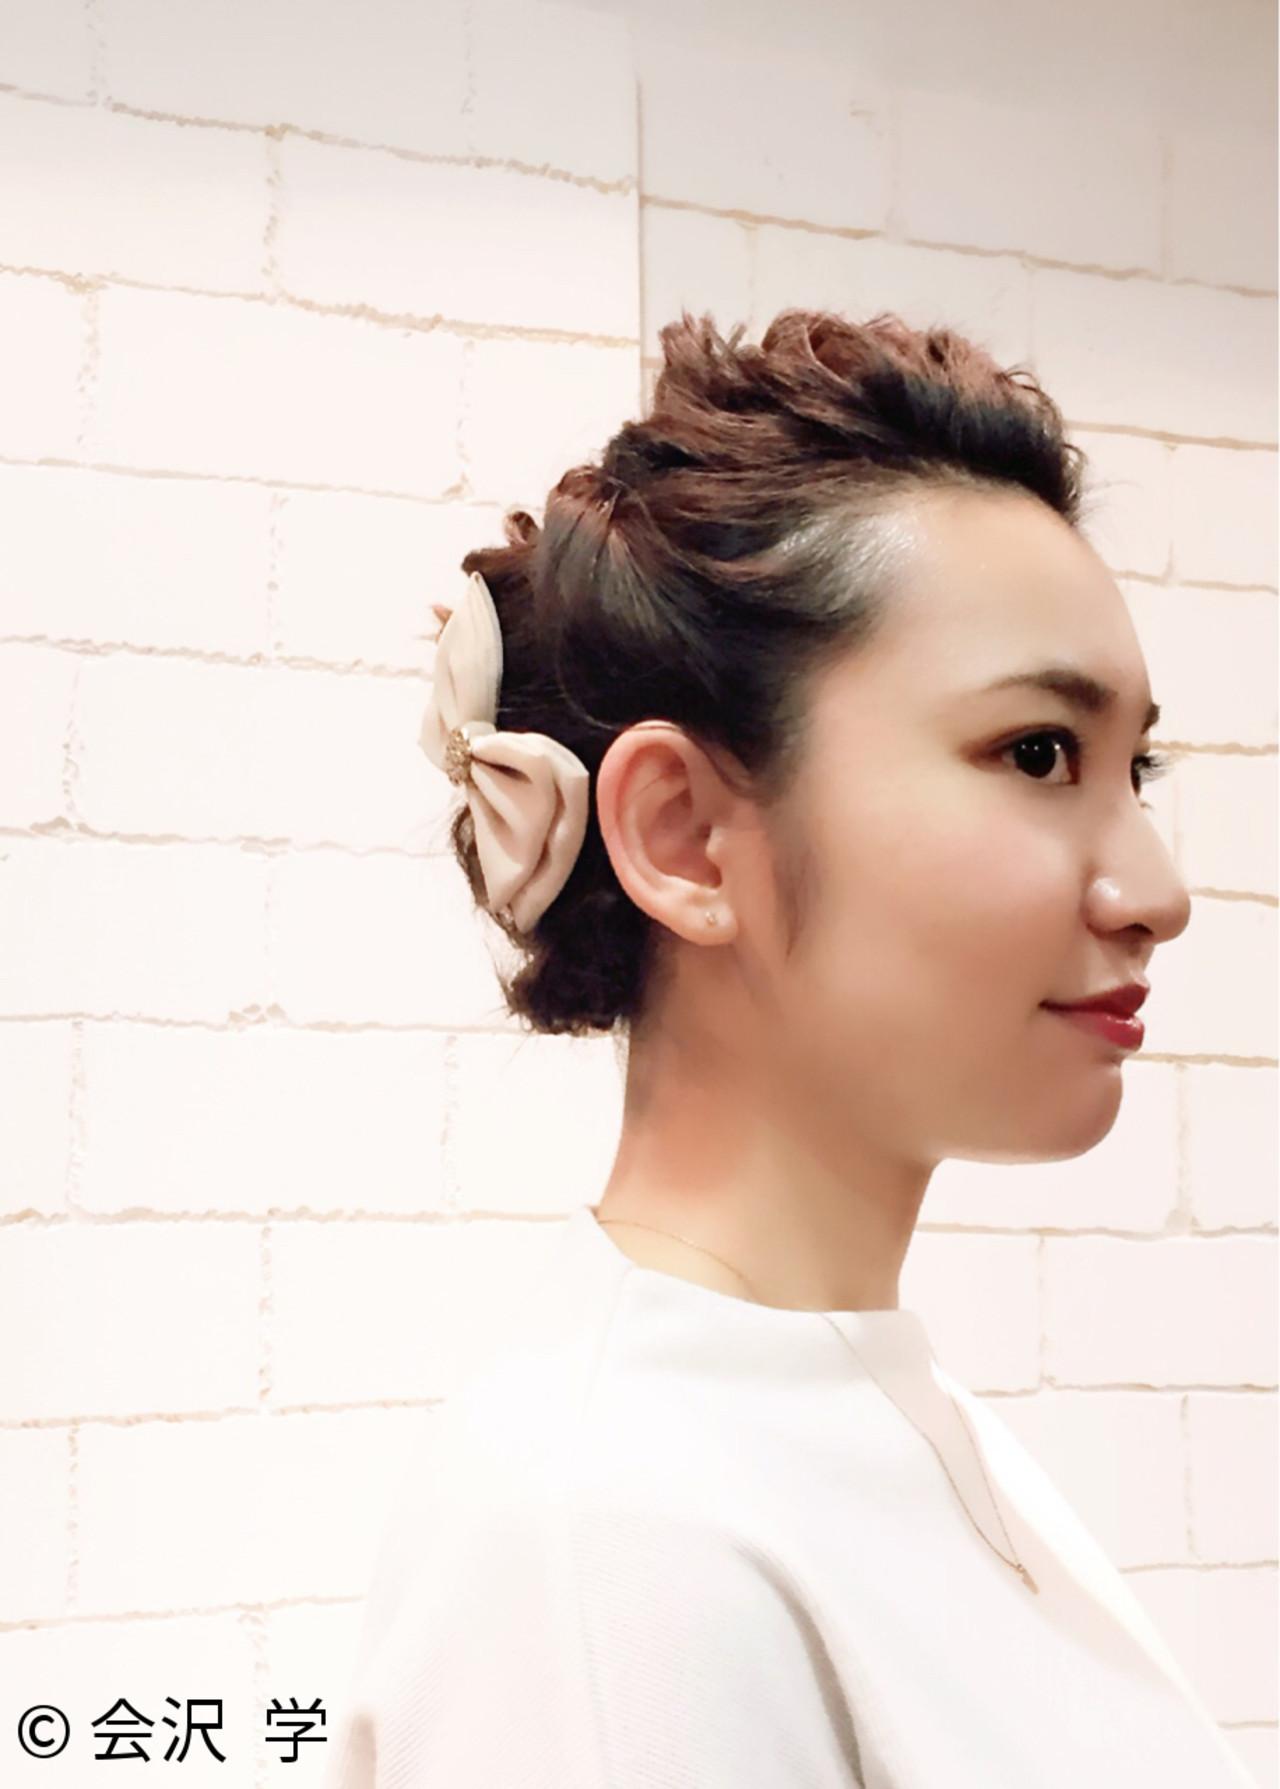 バレッタ ロープ編み ボブ ポンパドール ヘアスタイルや髪型の写真・画像 | 会沢 学 / stance